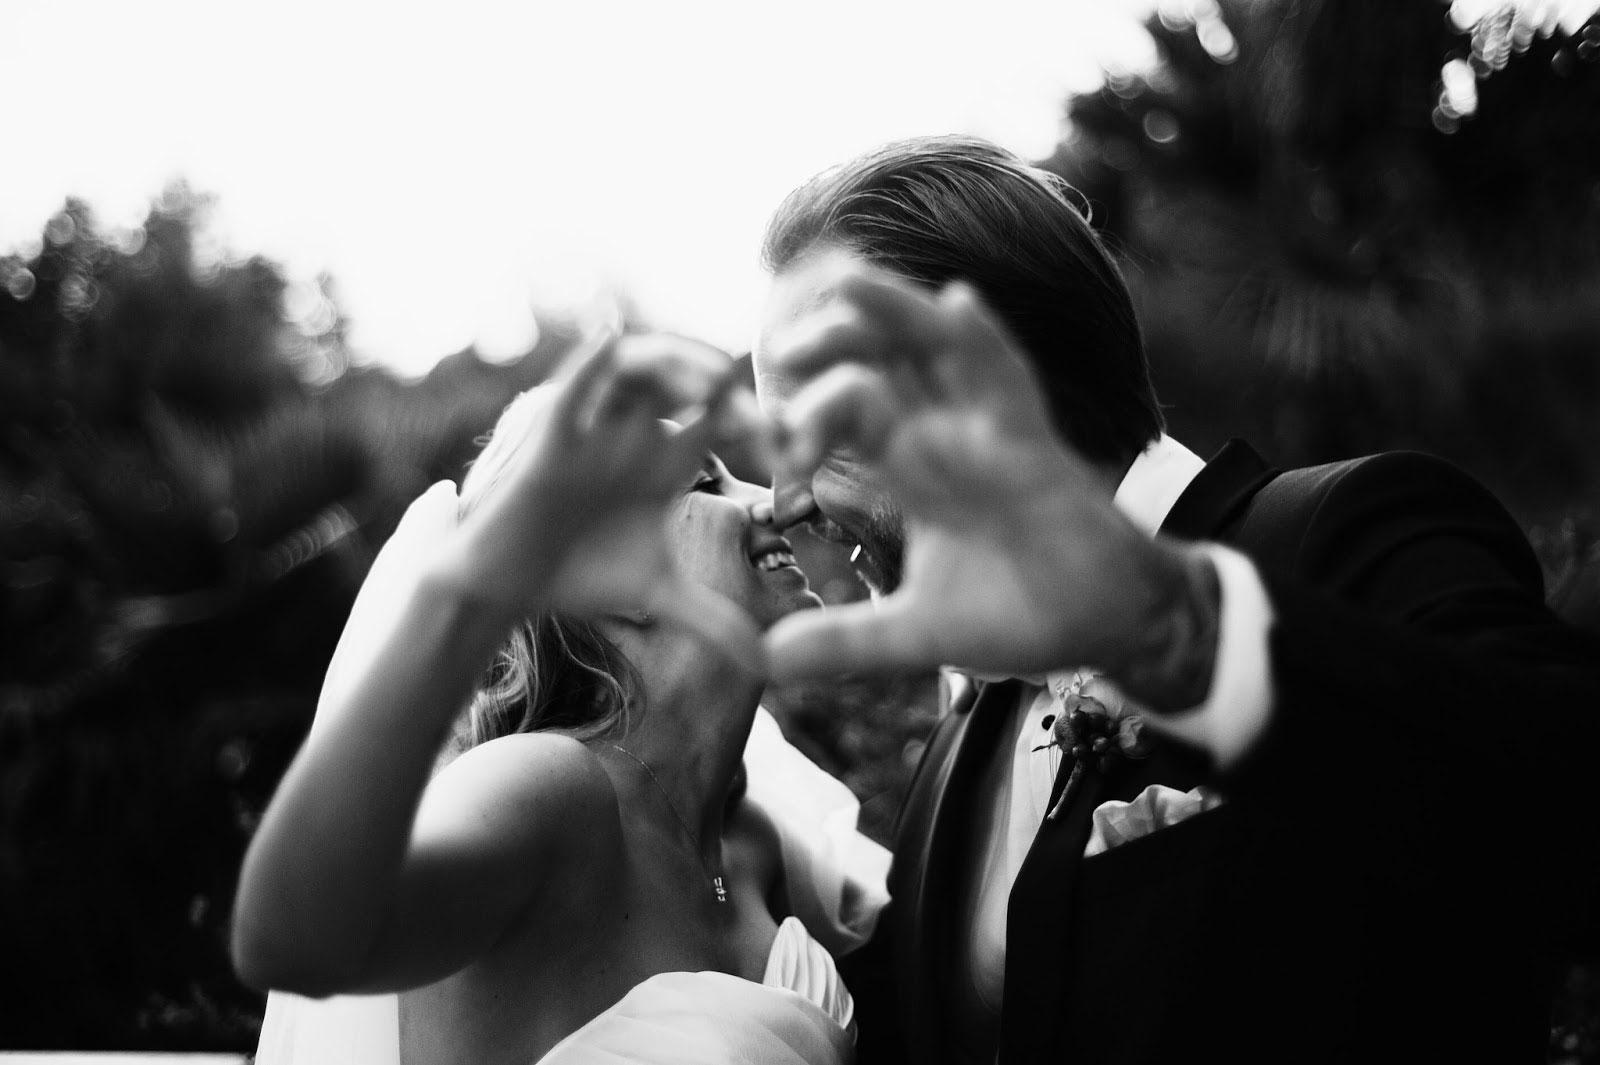 Красивые и милые картинки влюбленных пар в обнимку - подборка 6